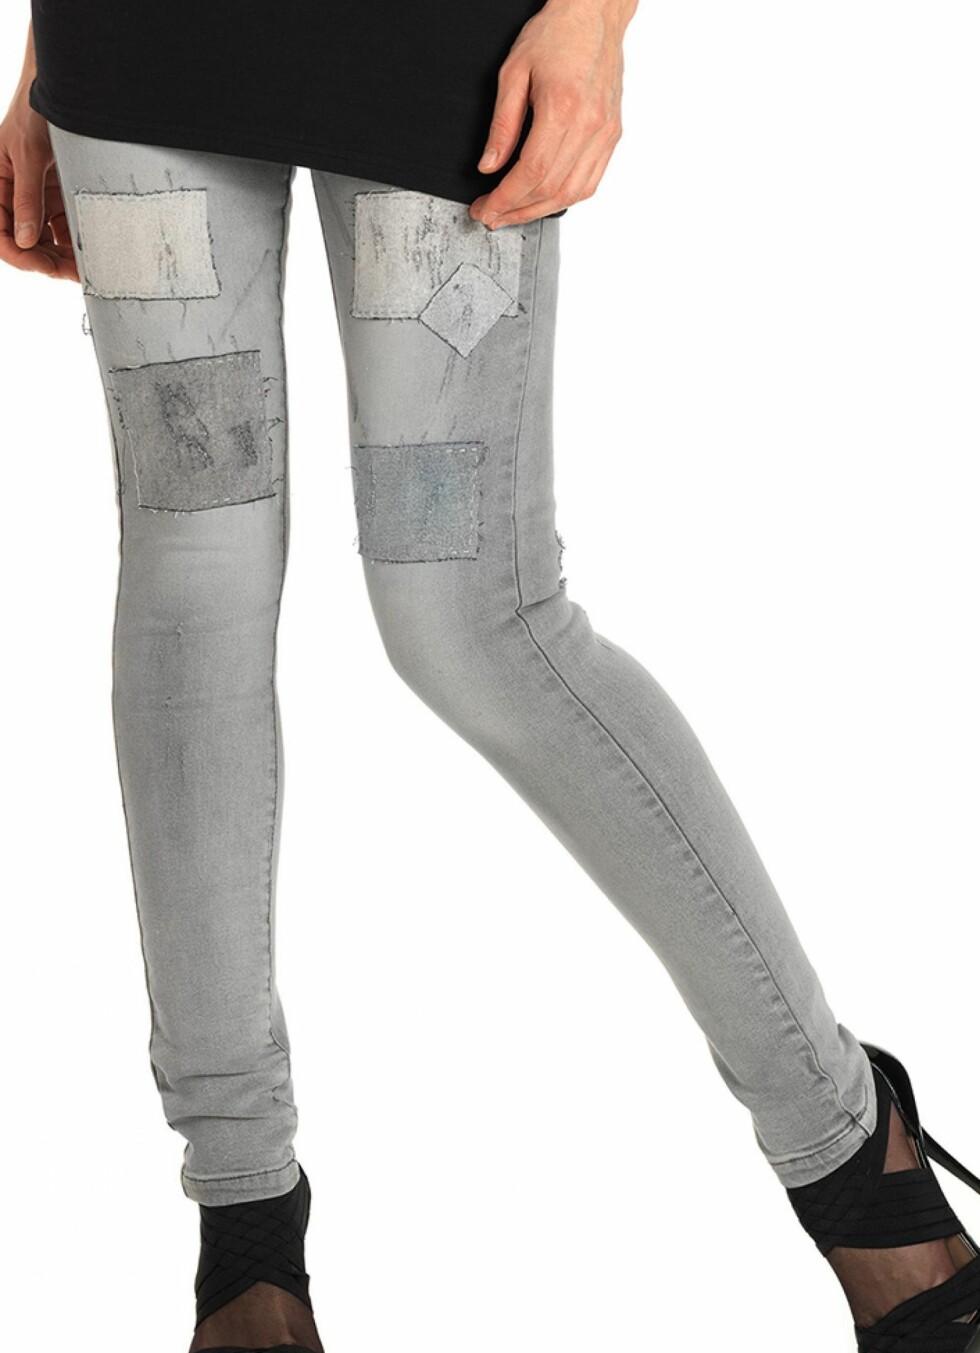 Tights i jeansmateriale kan være kjempefint sammen med en sporty topp og høye hæler. (kr 280, Vero Moda).